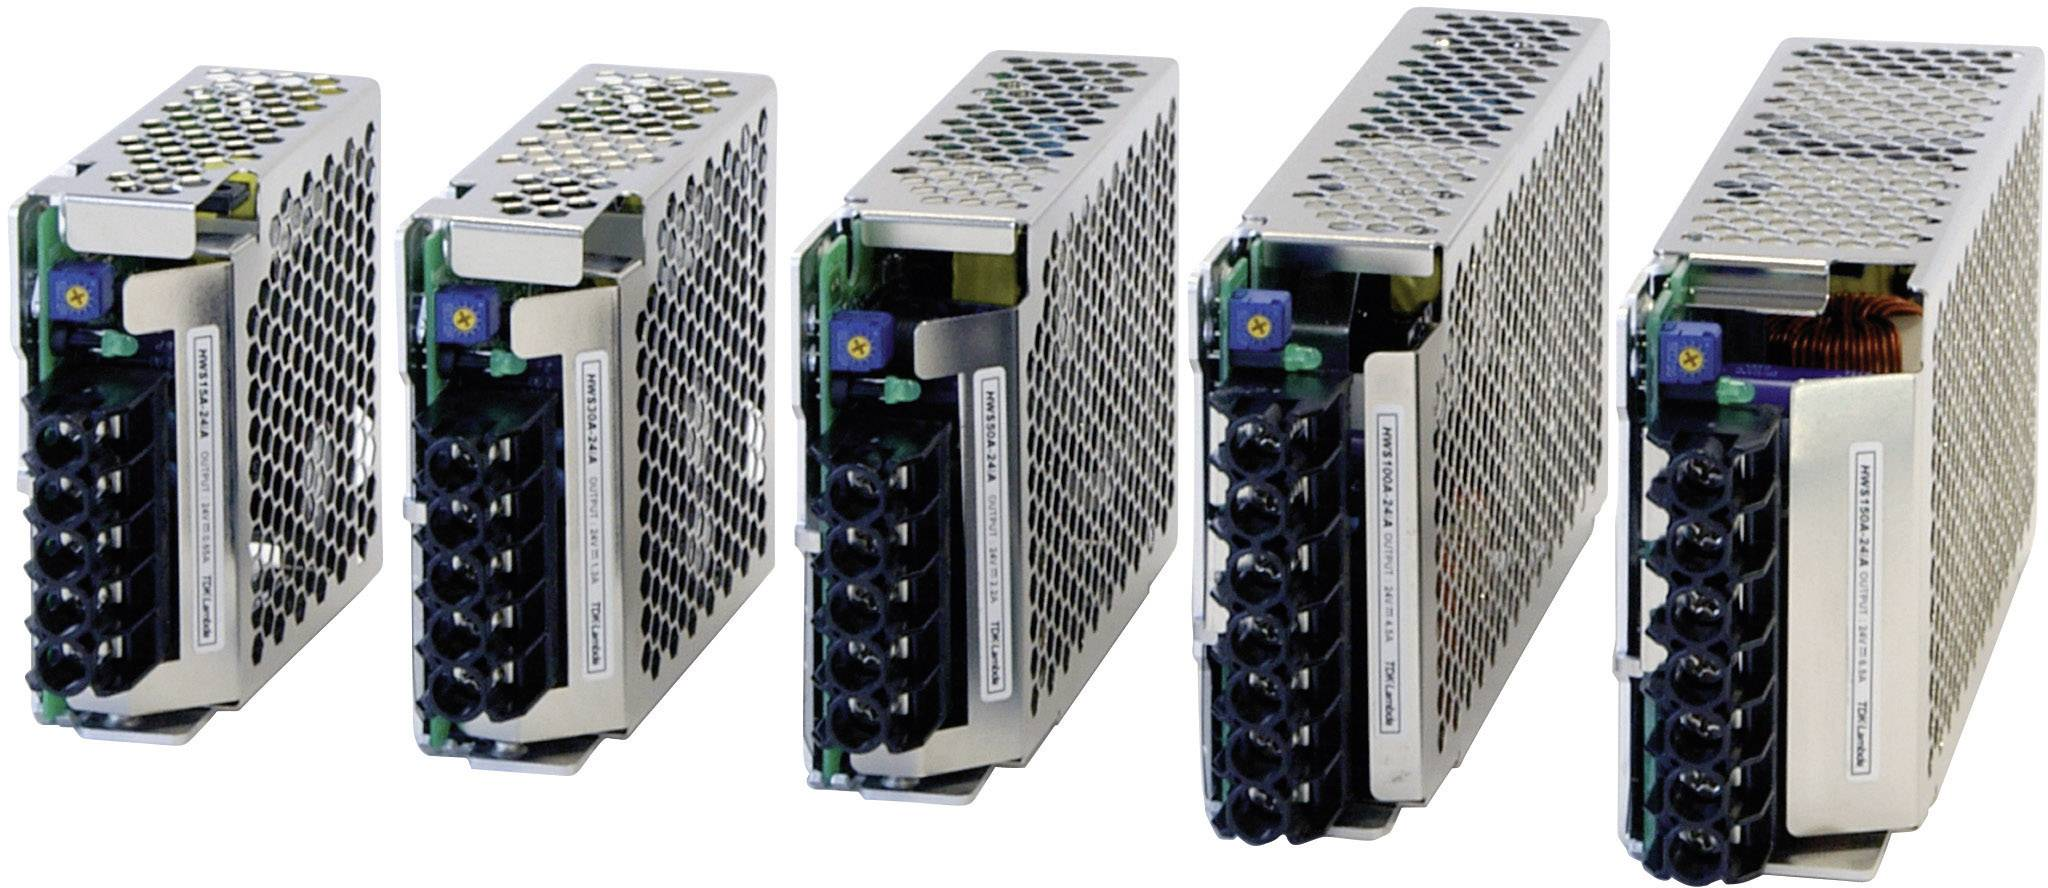 Vestavný napájecí zdroj TDK-Lambda HWS-100A-5/A, 5 V, 100 W